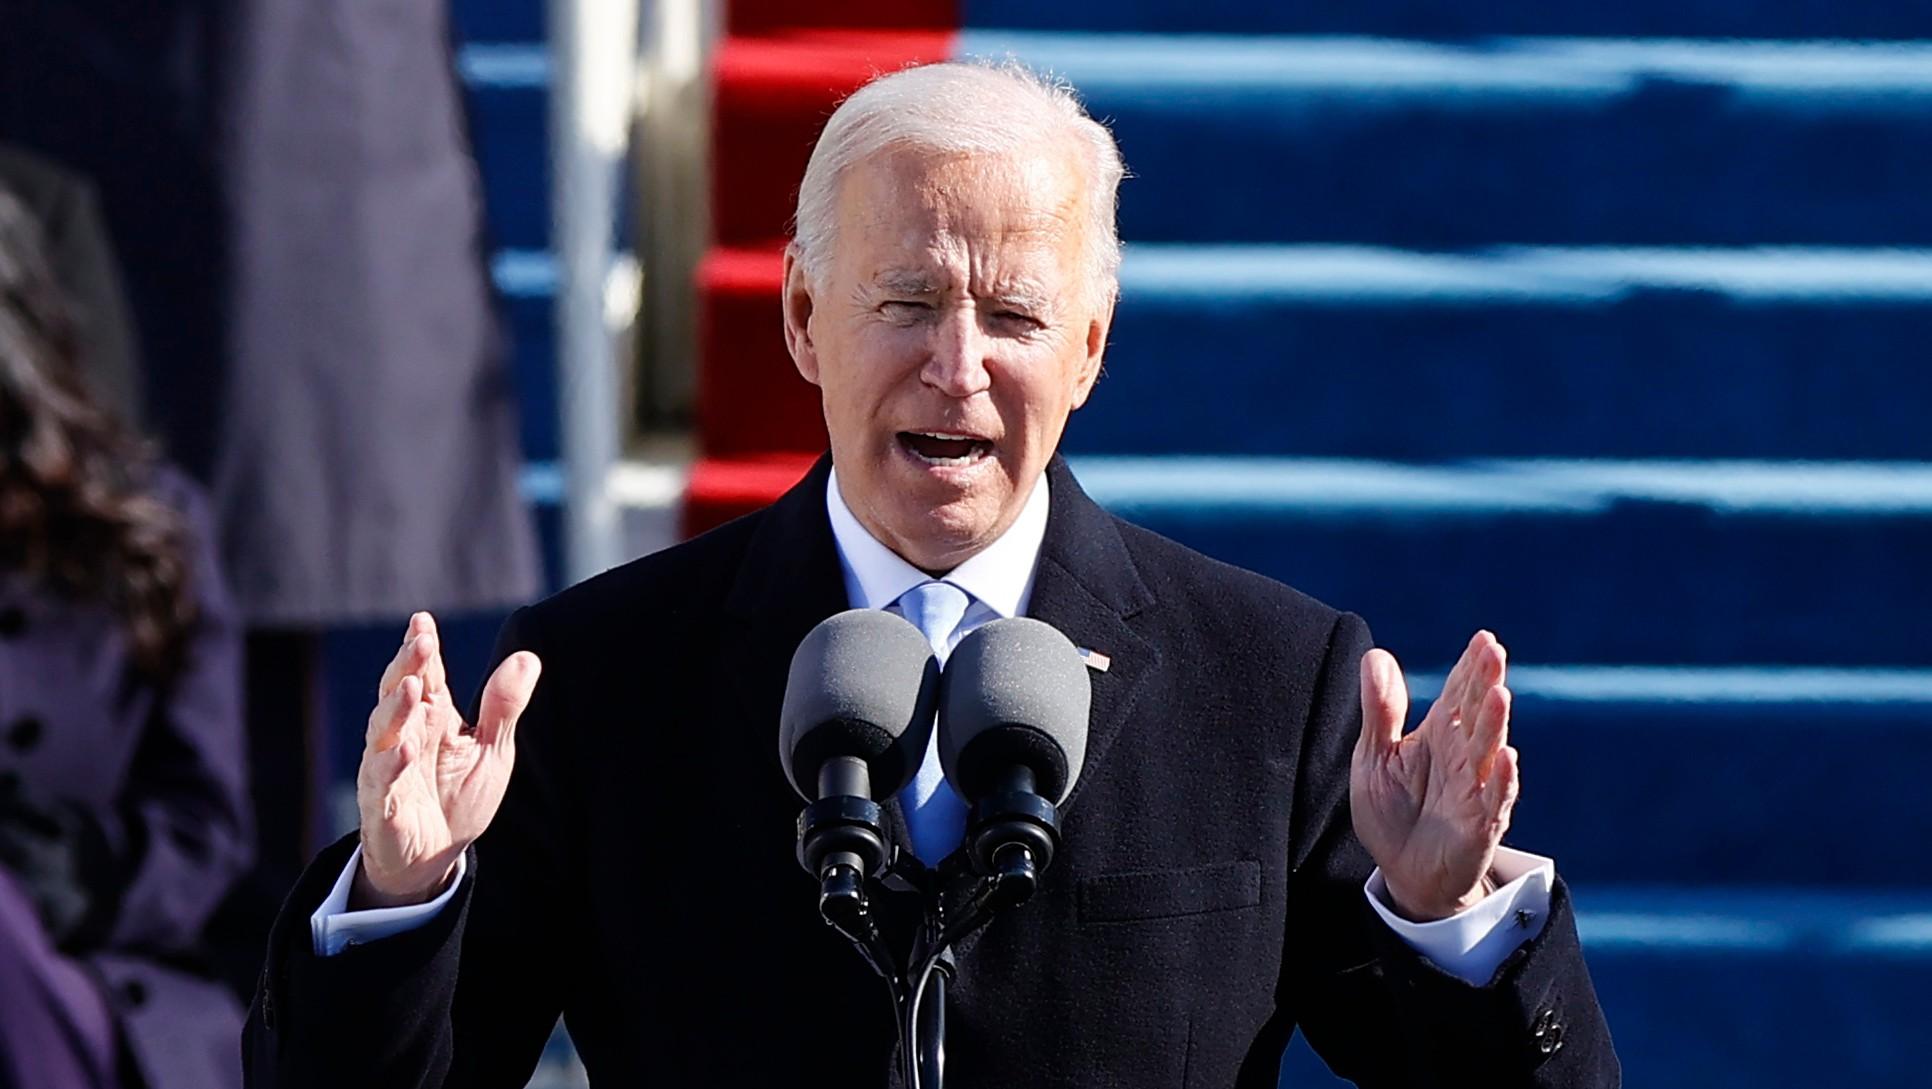 Ceremonia de juramentación de Joe Biden como presidente de Estados Unidos